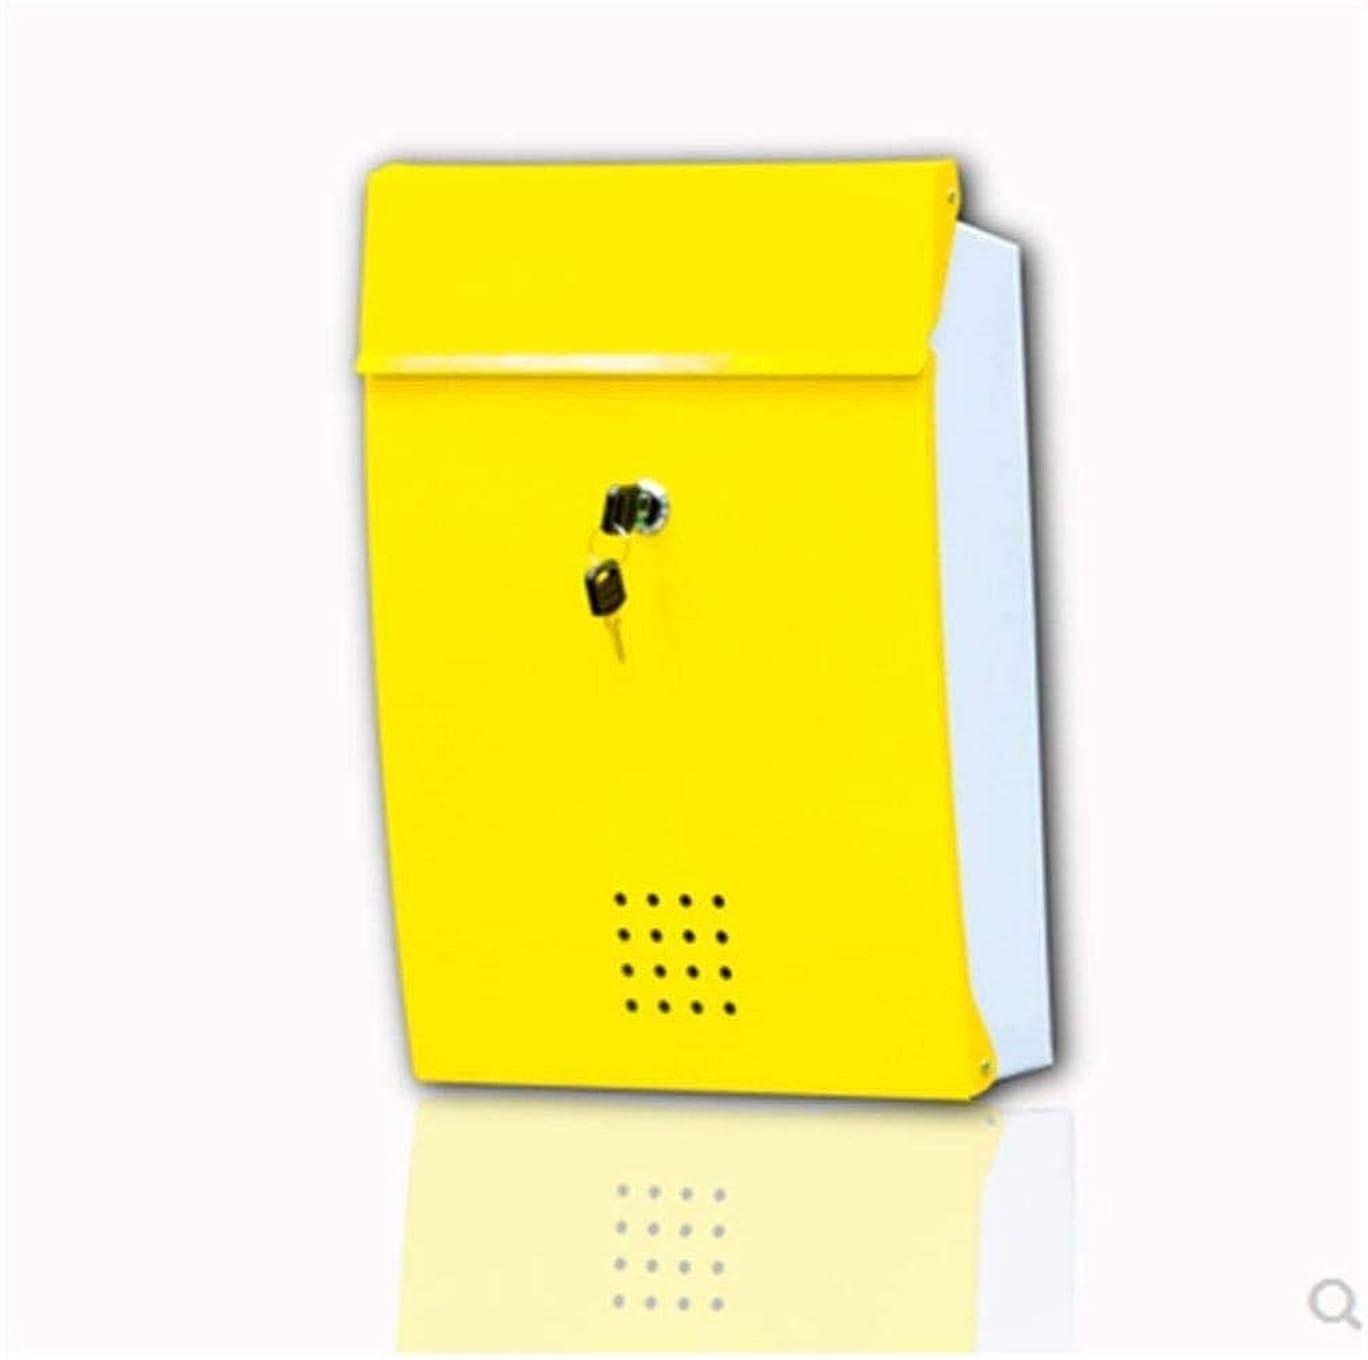 揮発性キリマンジャロかごレターボックスメールボックスメールボックス屋外錆や全天候垂直ウォールマウントシンプルなメールボックス (Color : Red, Size : Free size)